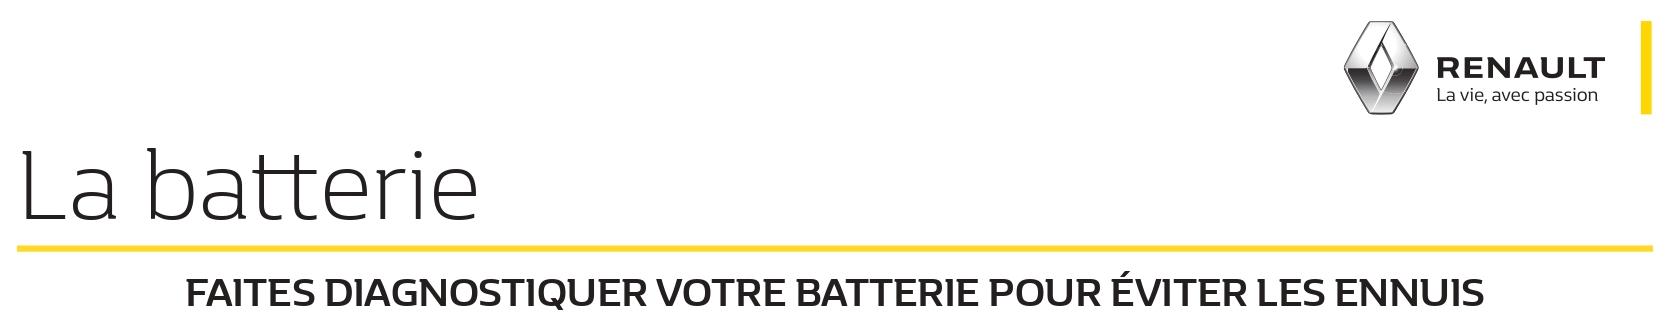 La batterie Renault